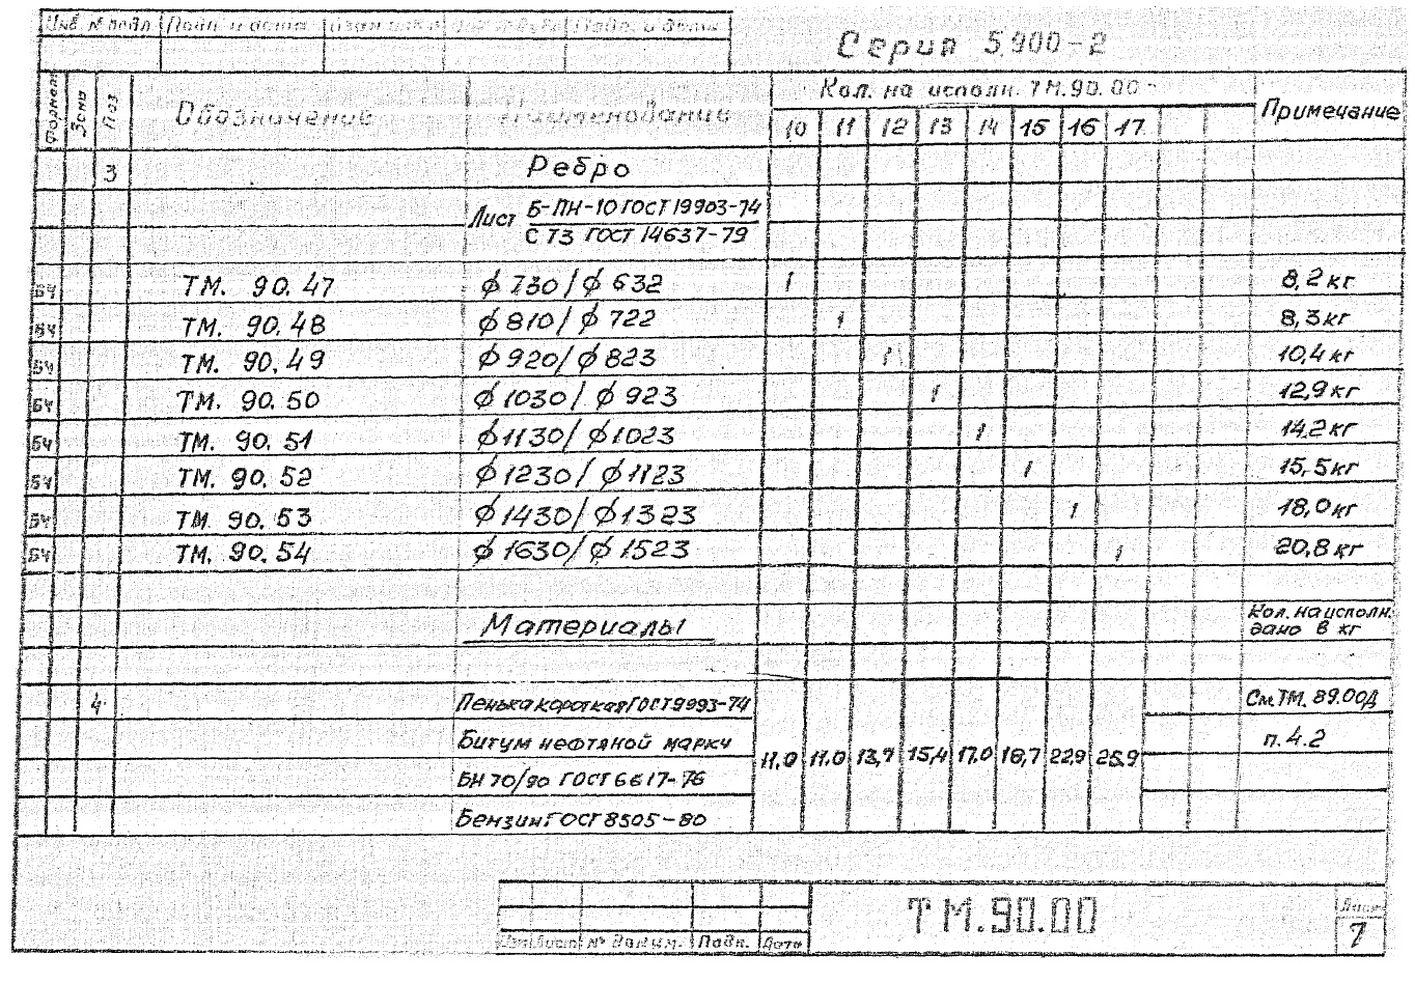 Сальники набивные ТМ.90.00 серия 5.900-2 стр.8